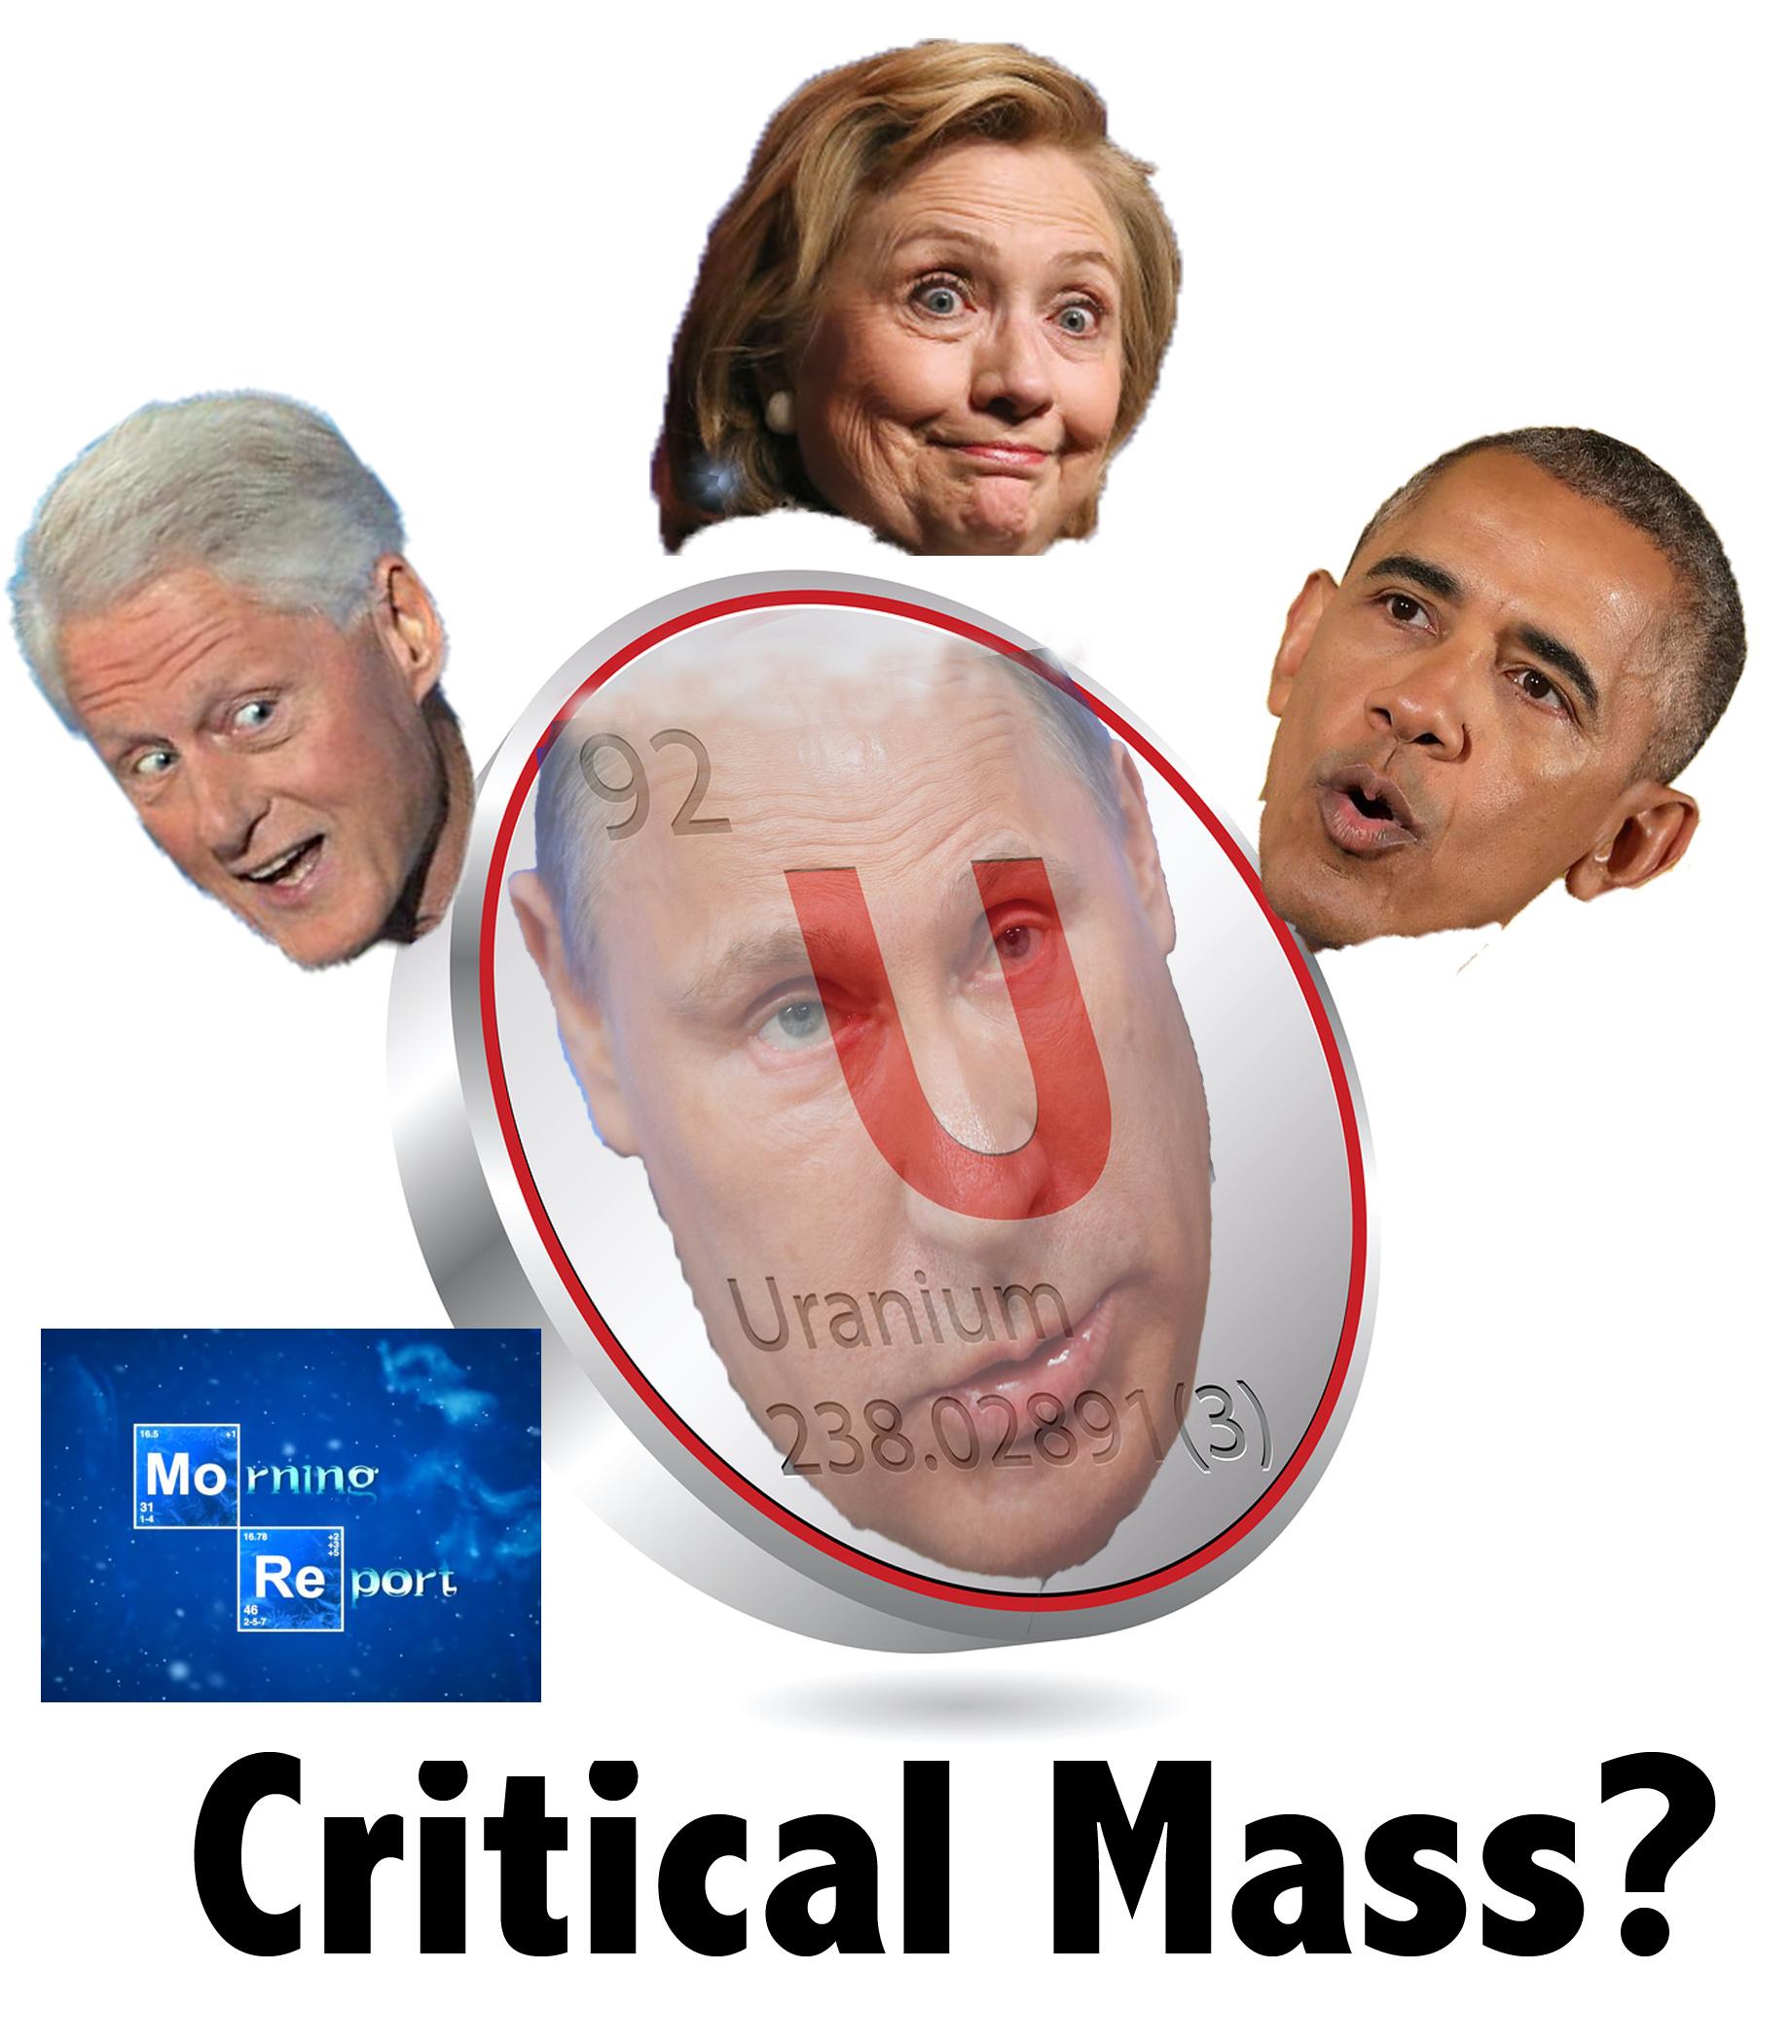 criticalmass.jpg